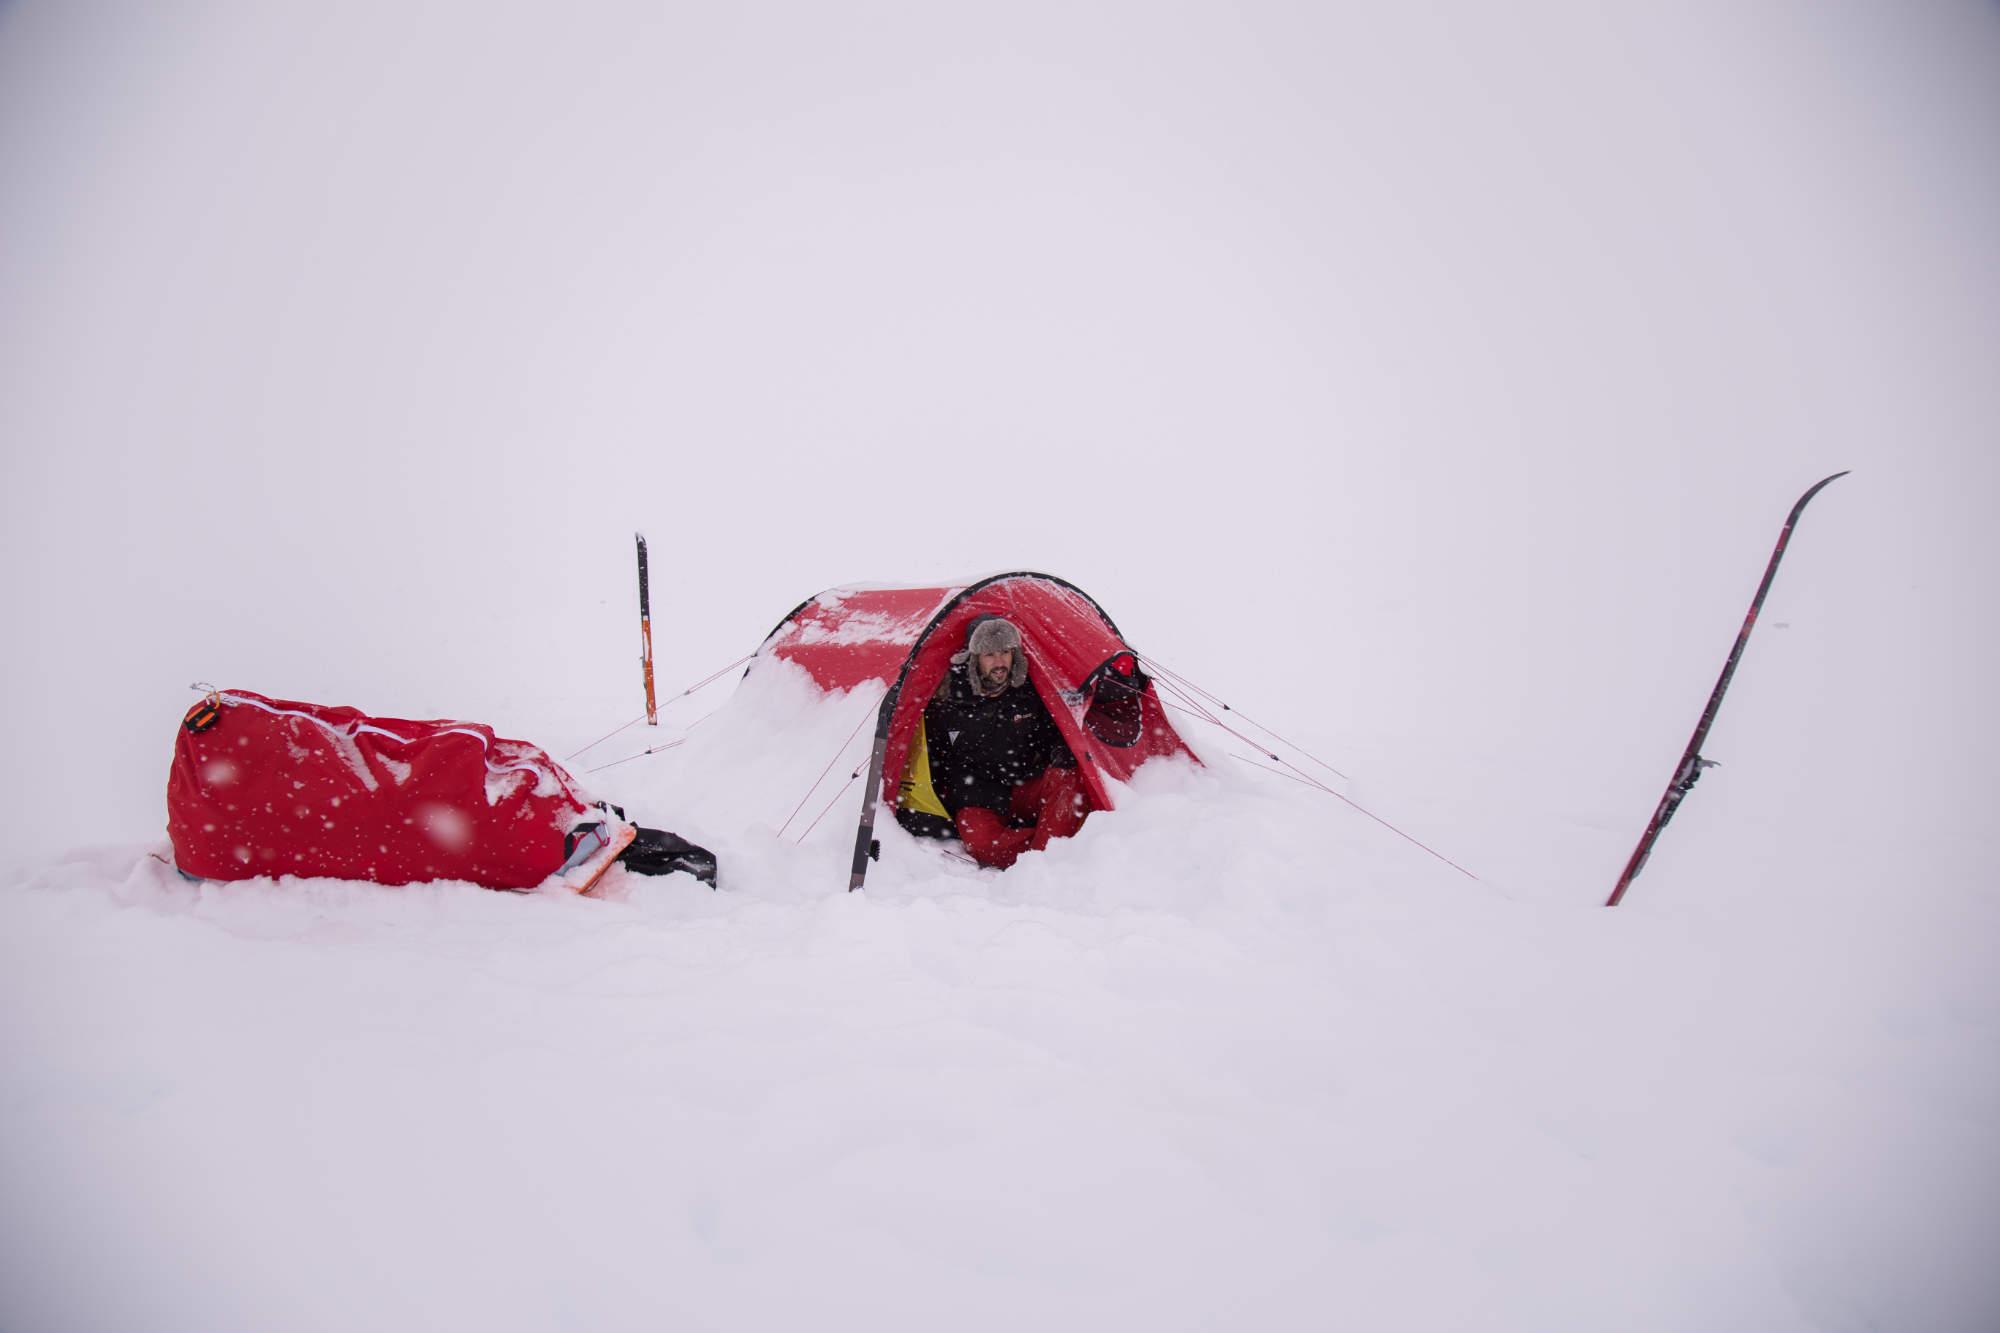 L'aventurier Matthieu Tordeur lors de son entrainement en Norvège